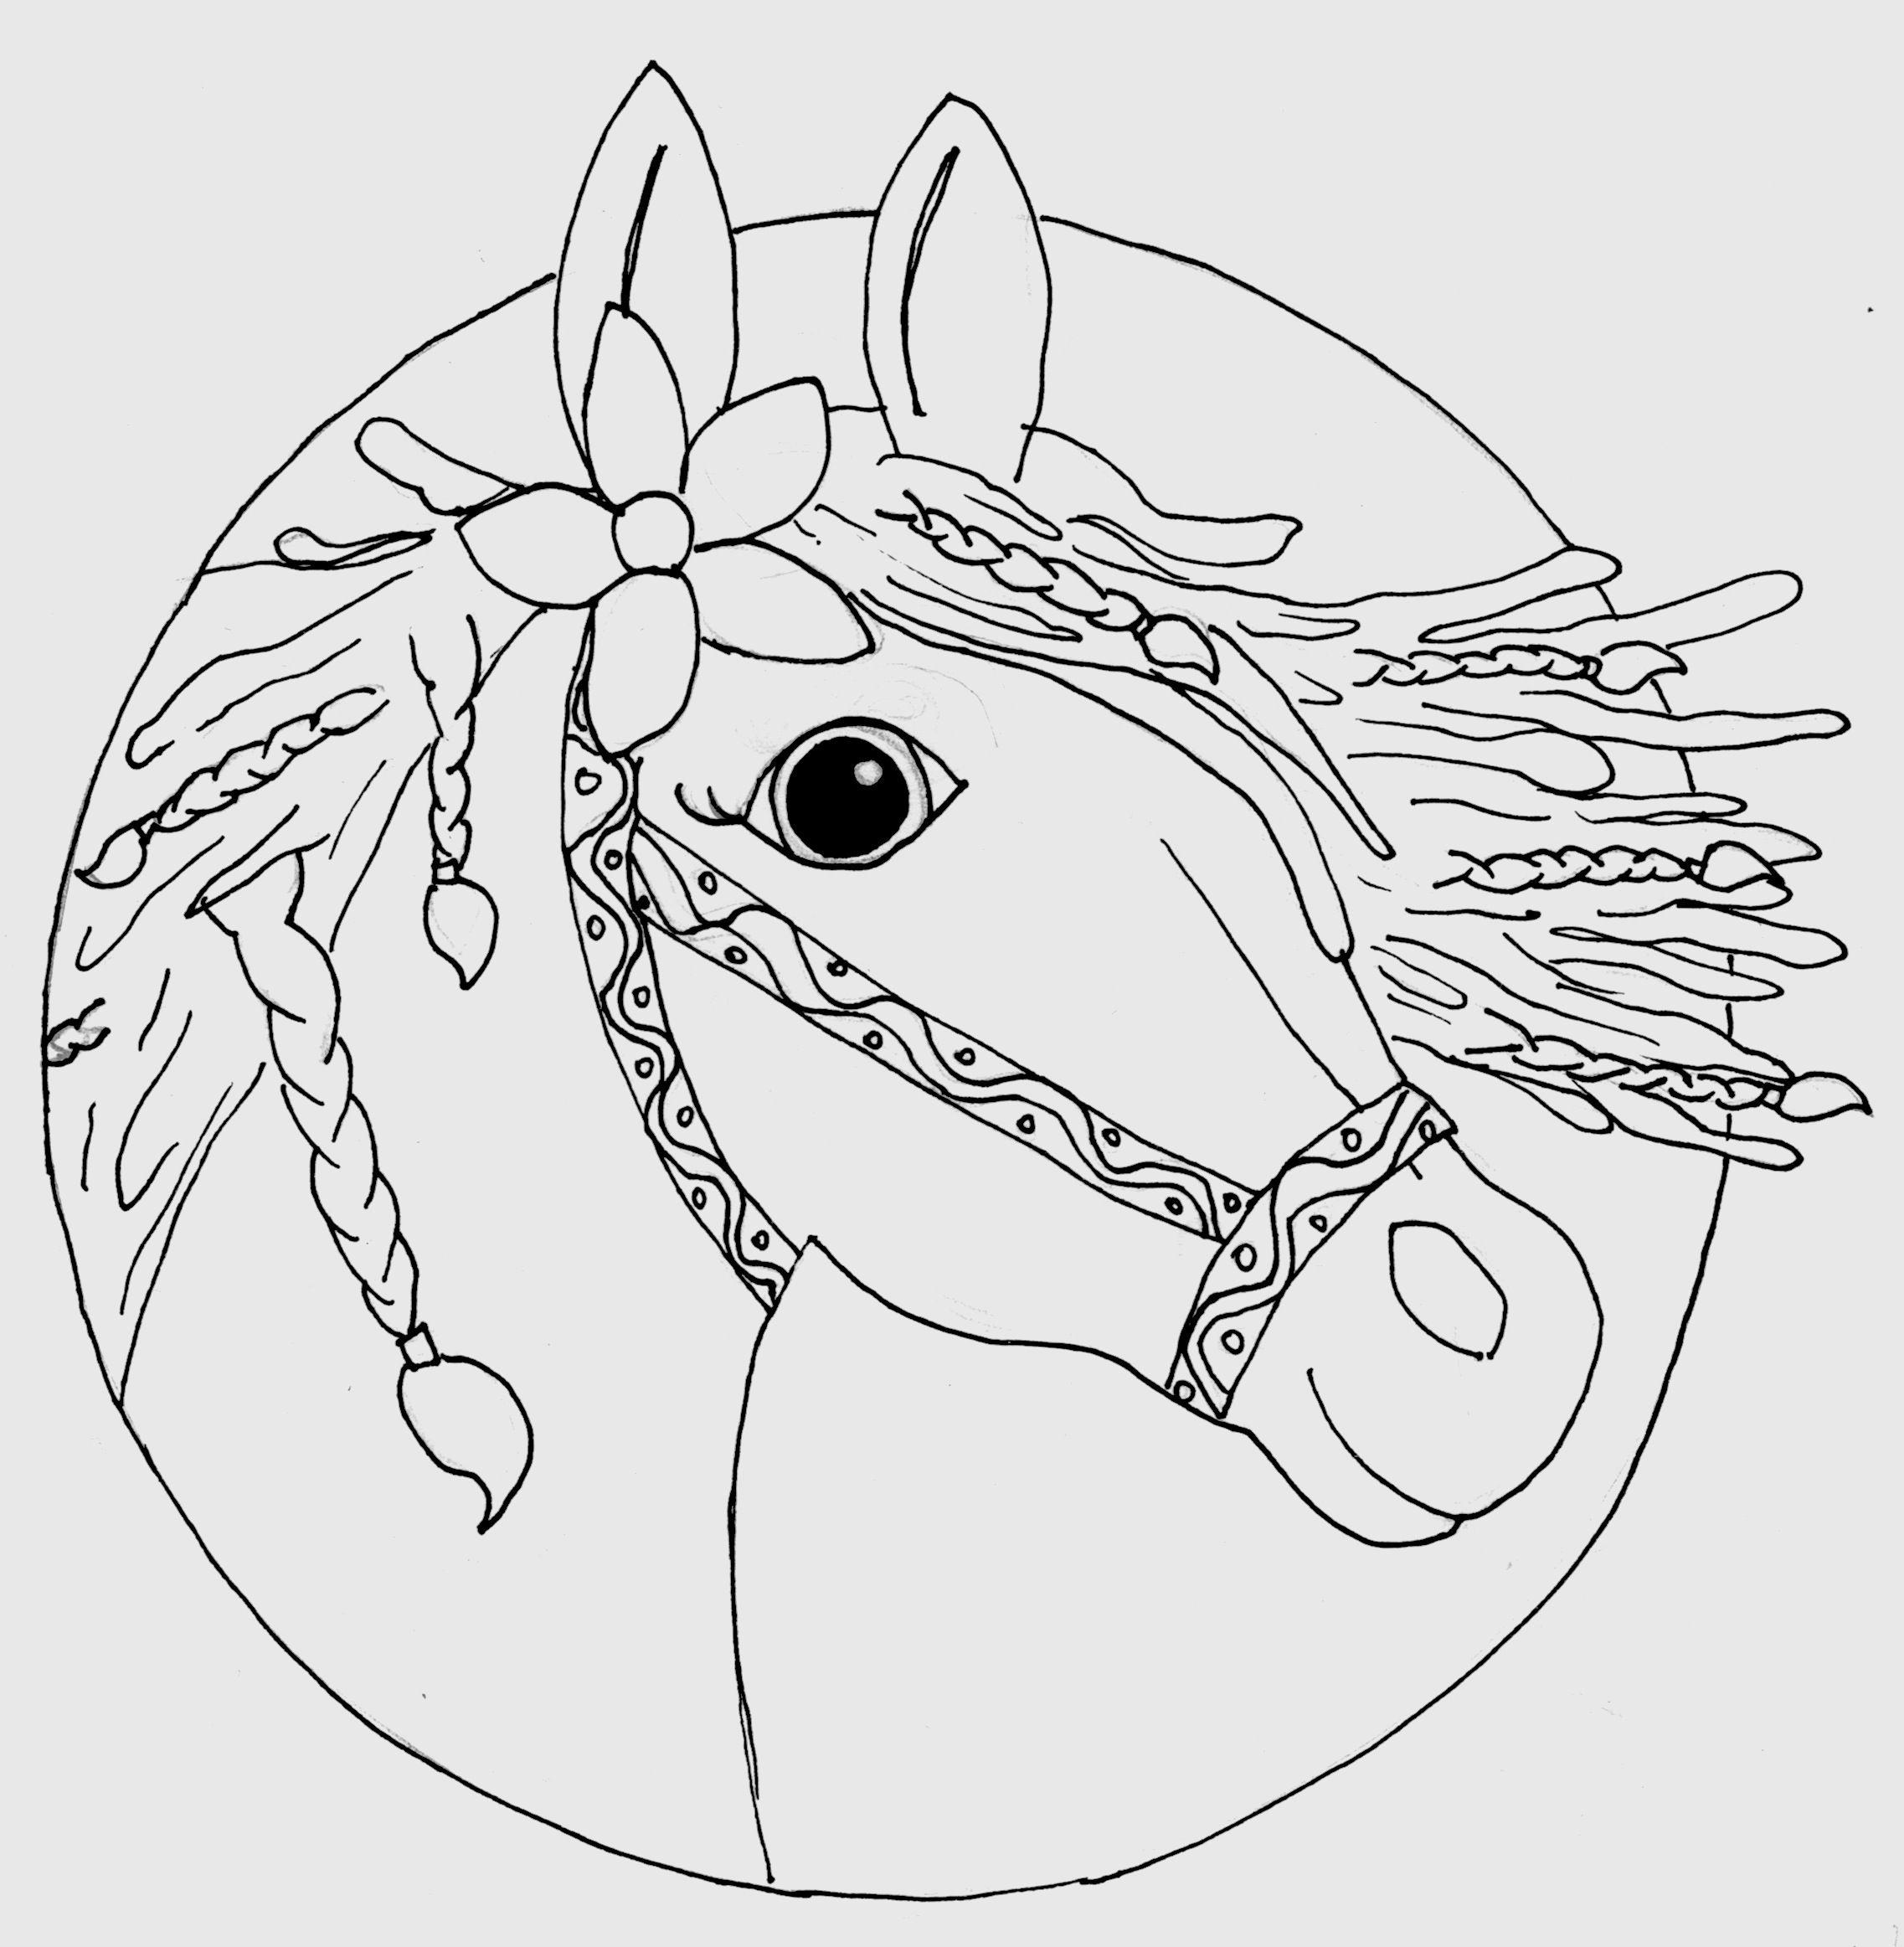 Pferdekopf Ausmalbild Gezeichnet Von Louisa (8 verwandt mit Malvorlage Pferdekopf